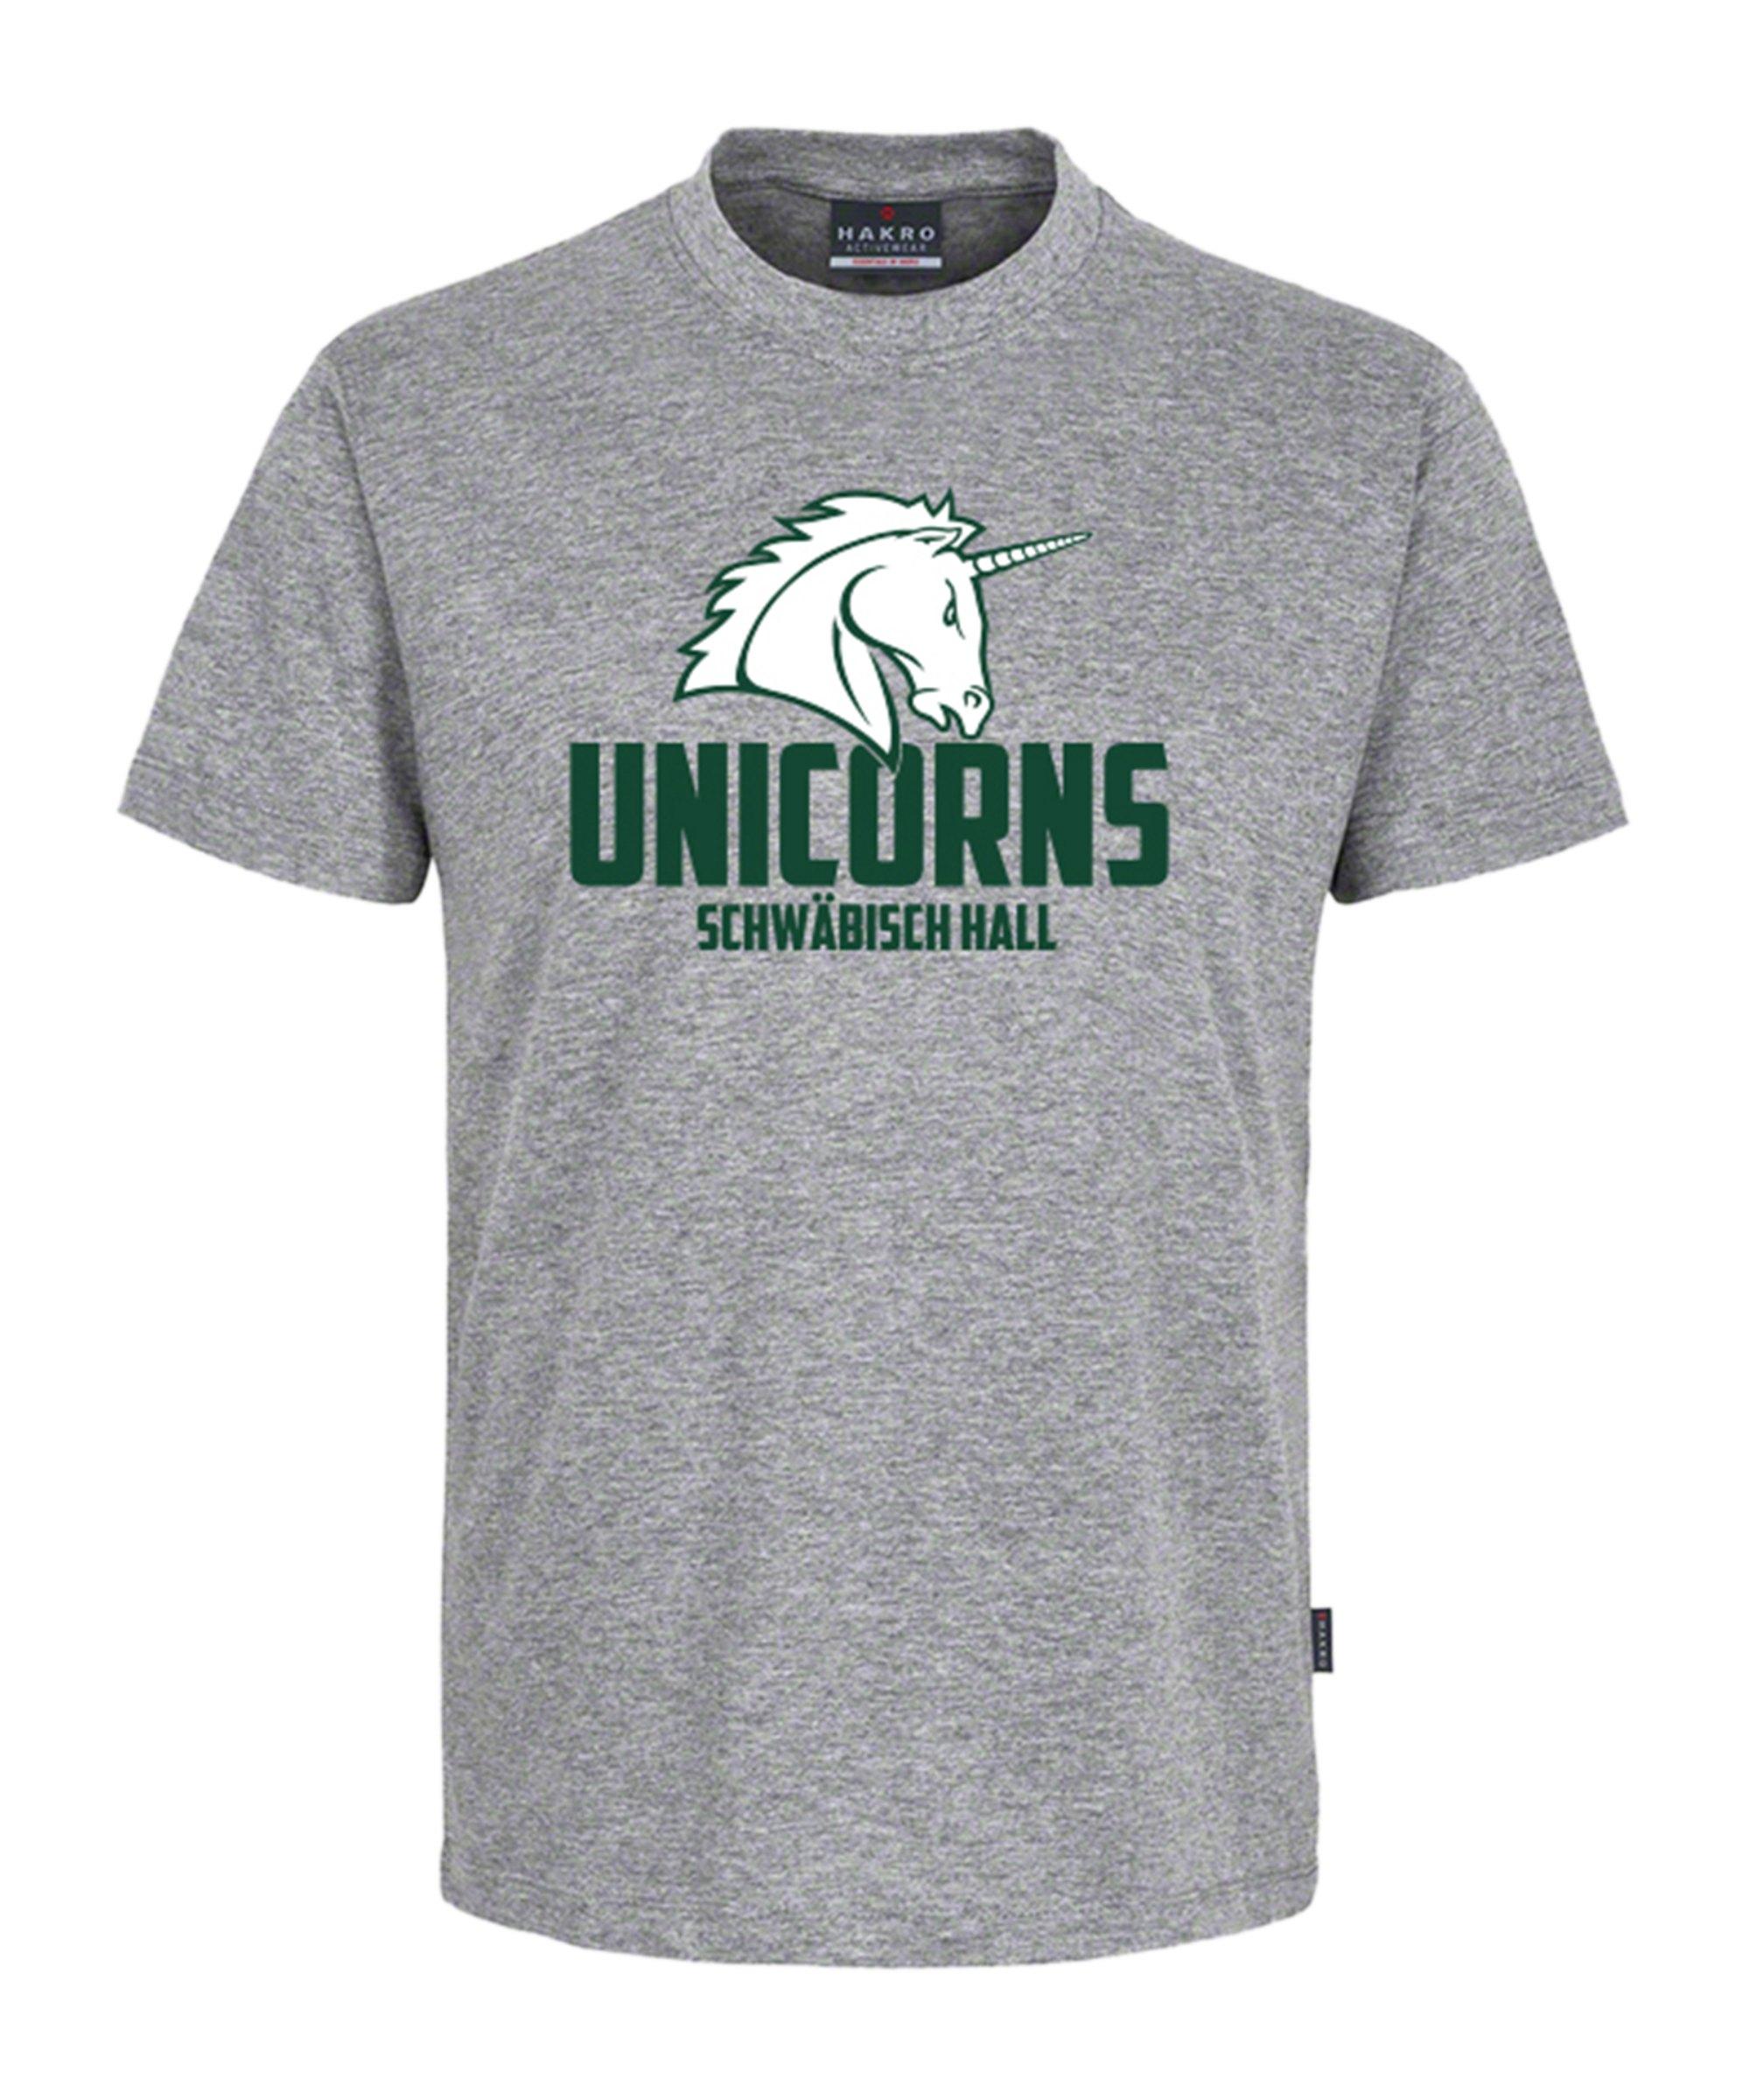 Unicorns Classic T-Shirt Tee Unicorn groß Grau - grau